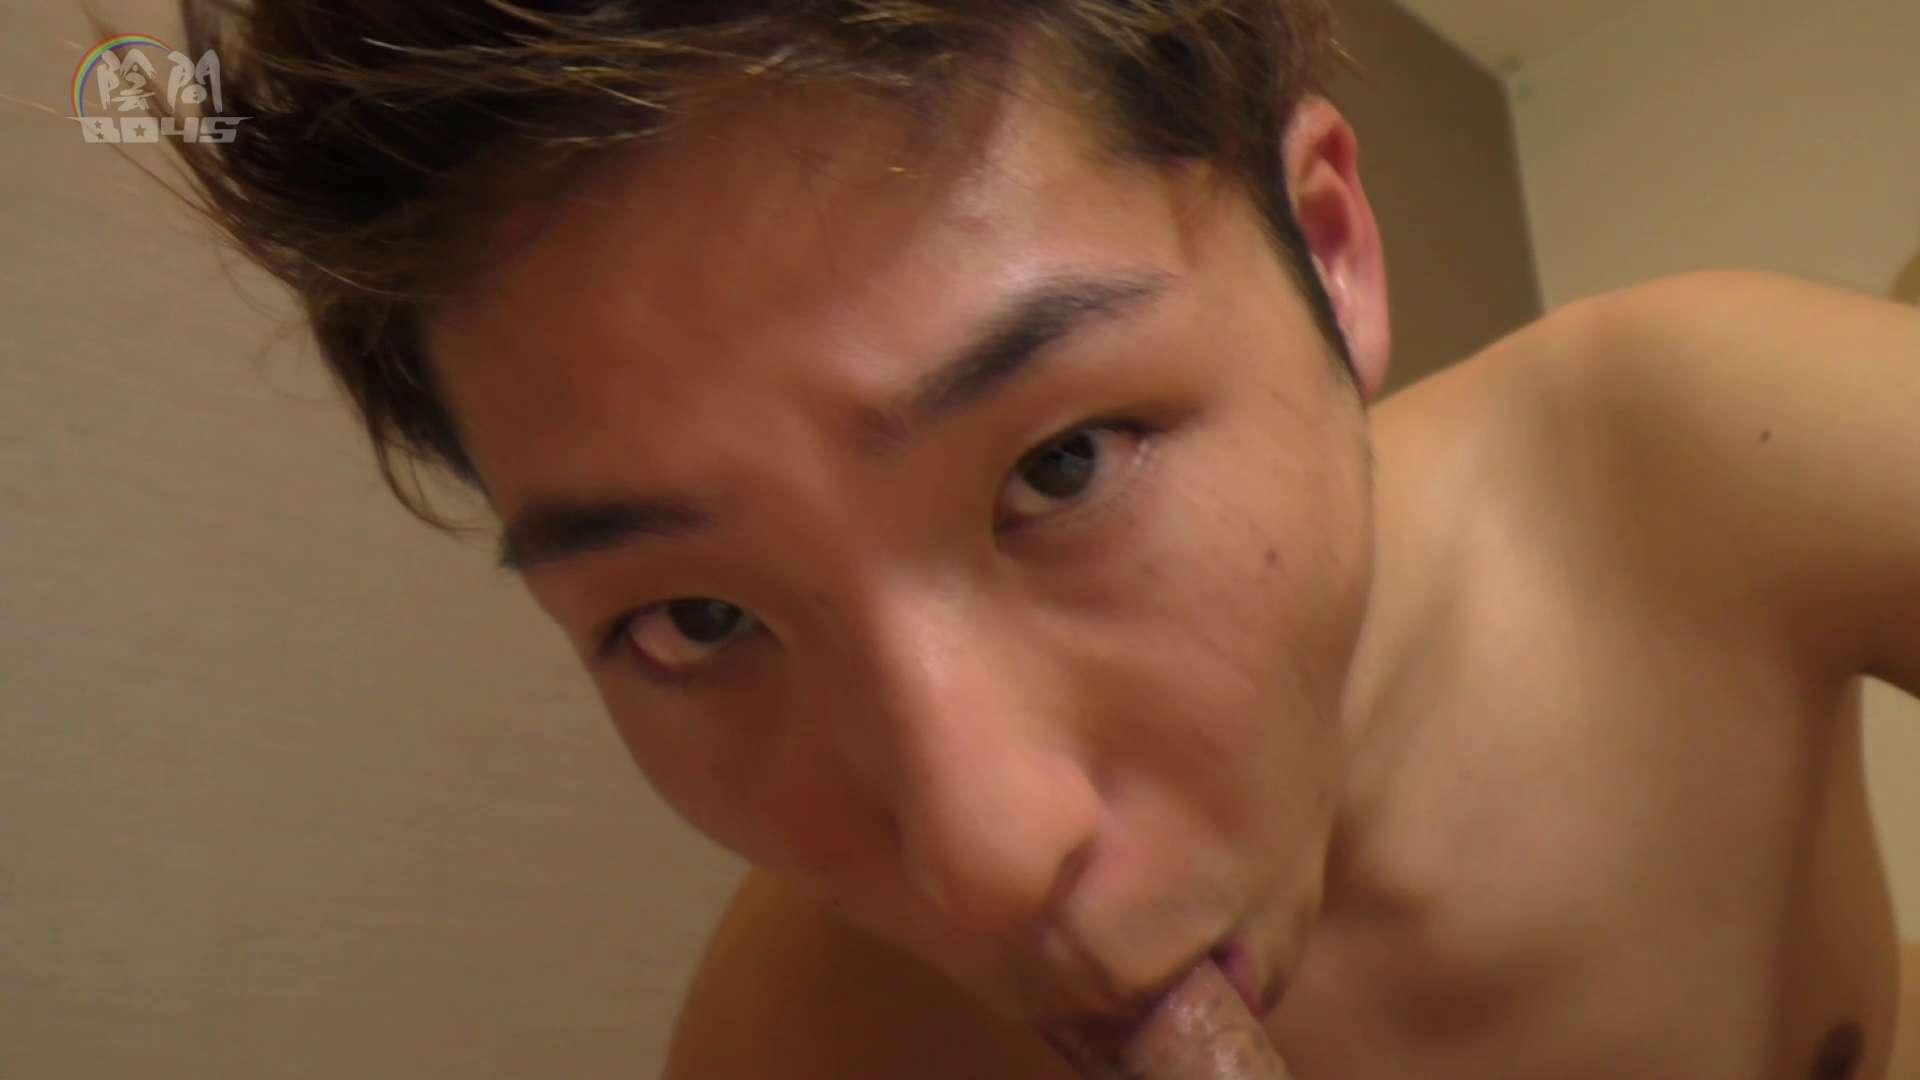 デカチン探偵かしこまりpart2 No.05 オナニー 男同士動画 60pic 33